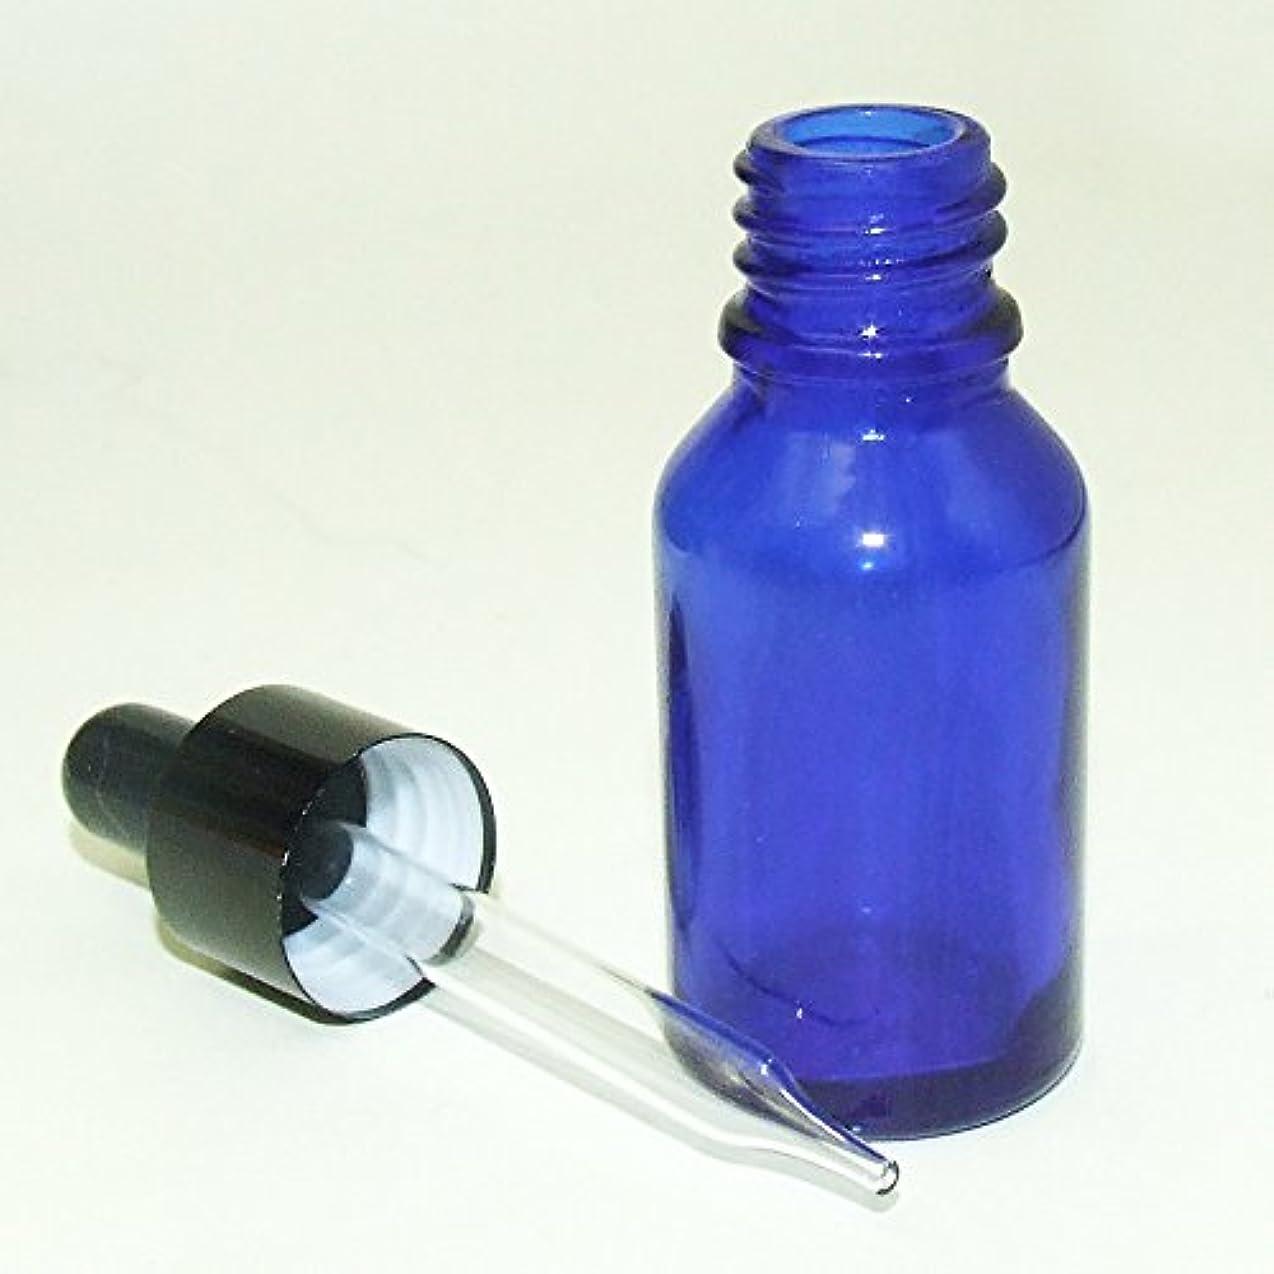 インシュレータ批判するマウスガレージ?ゼロ 遮光ガラス スポイド瓶 先細タイプ 青 15ml(GZKP31)×10個 アロマ保存 GSE677